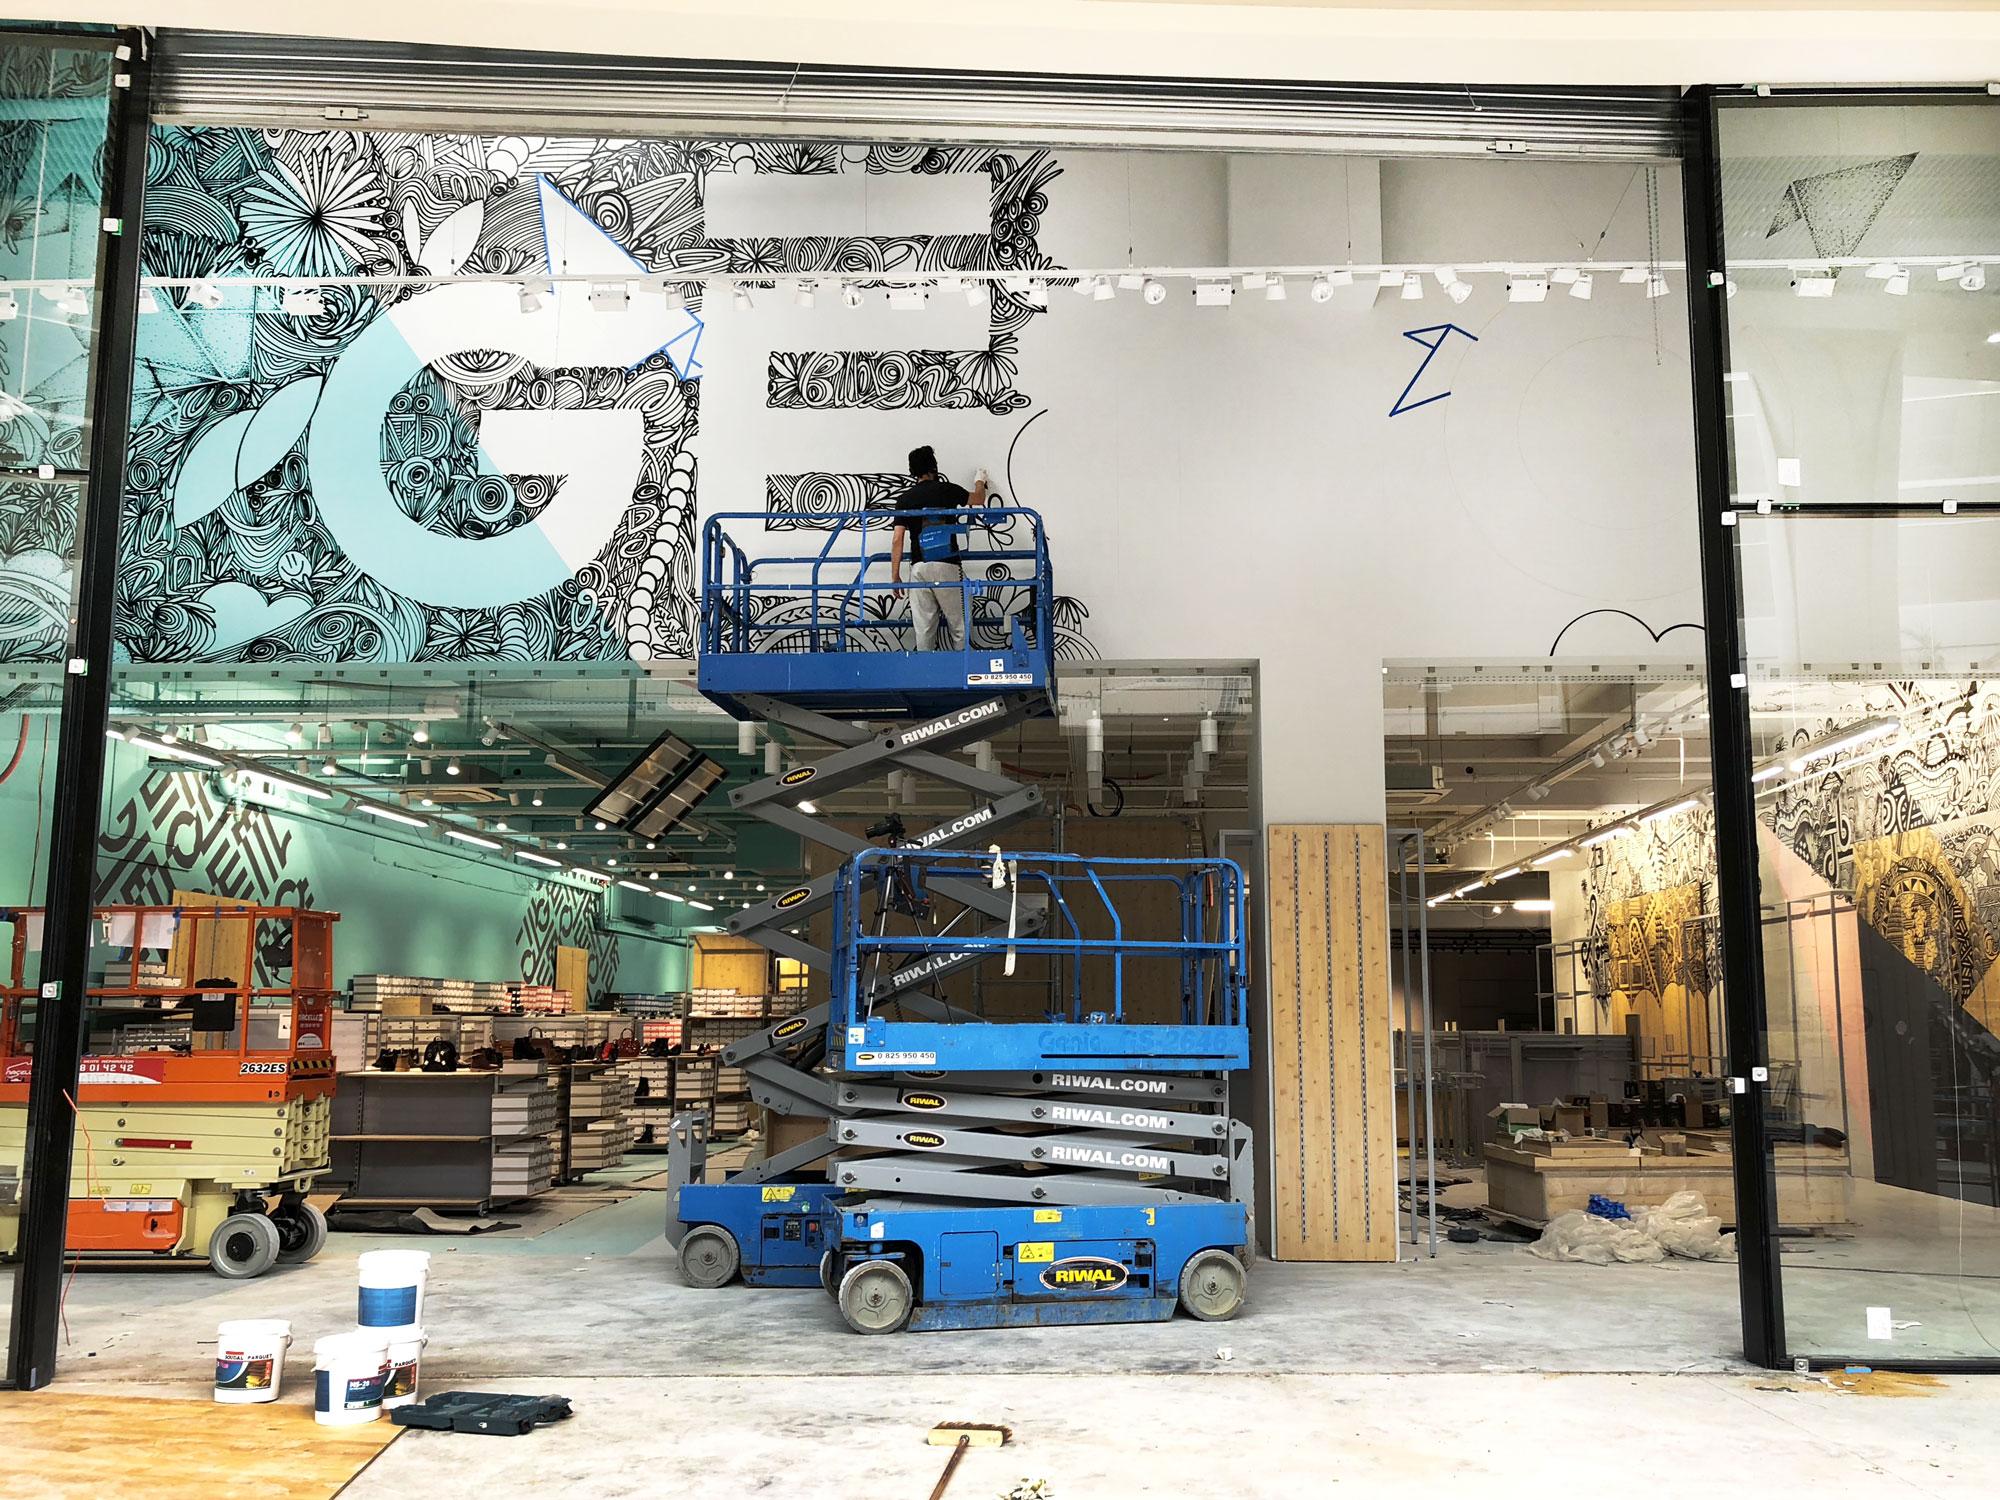 graffeur en train de réaliser une fresque géante en graffiti dans un magasin à nantes